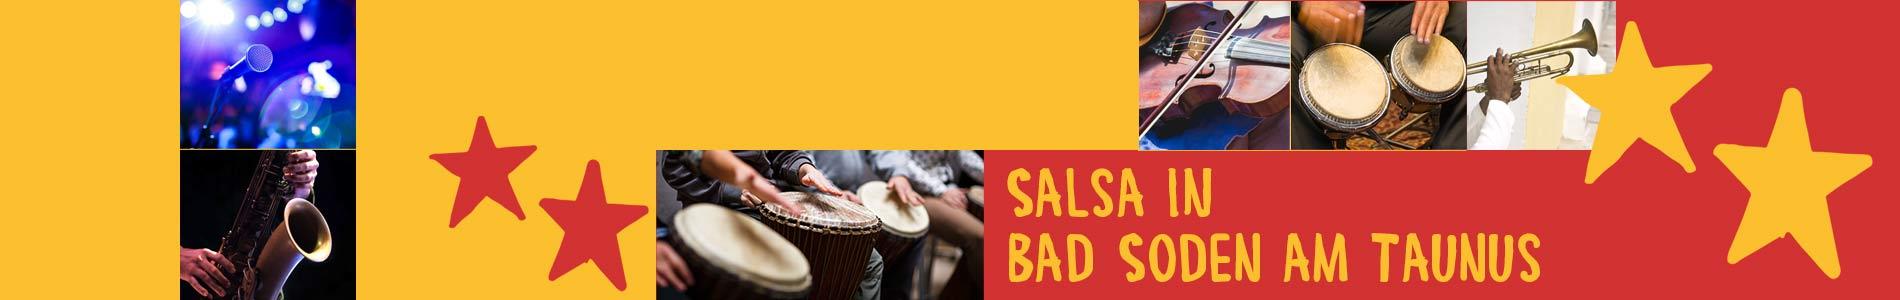 Salsa in Bad Soden am Taunus – Salsa lernen und tanzen, Tanzkurse, Partys, Veranstaltungen